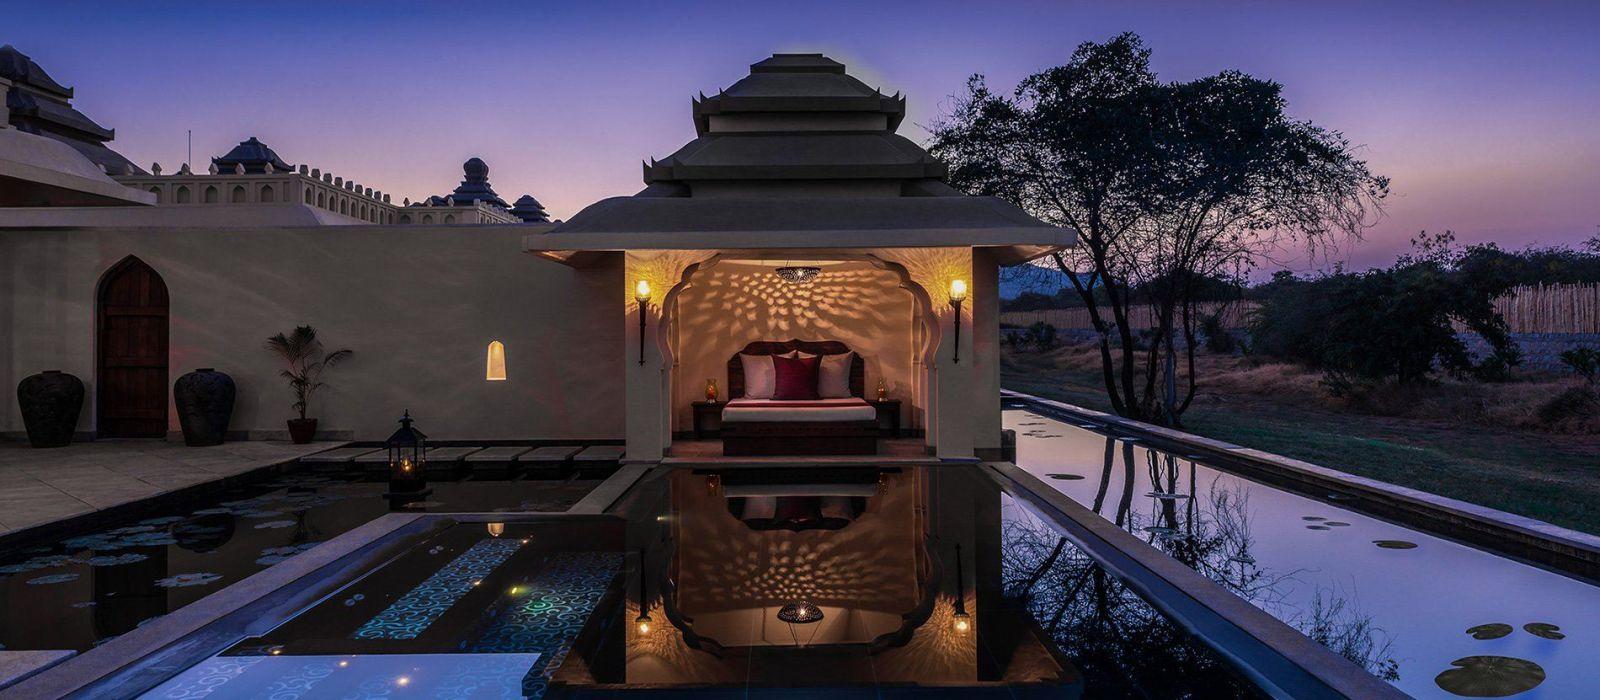 Hotel Evolve Back Kamalapura Palace Hampi South India